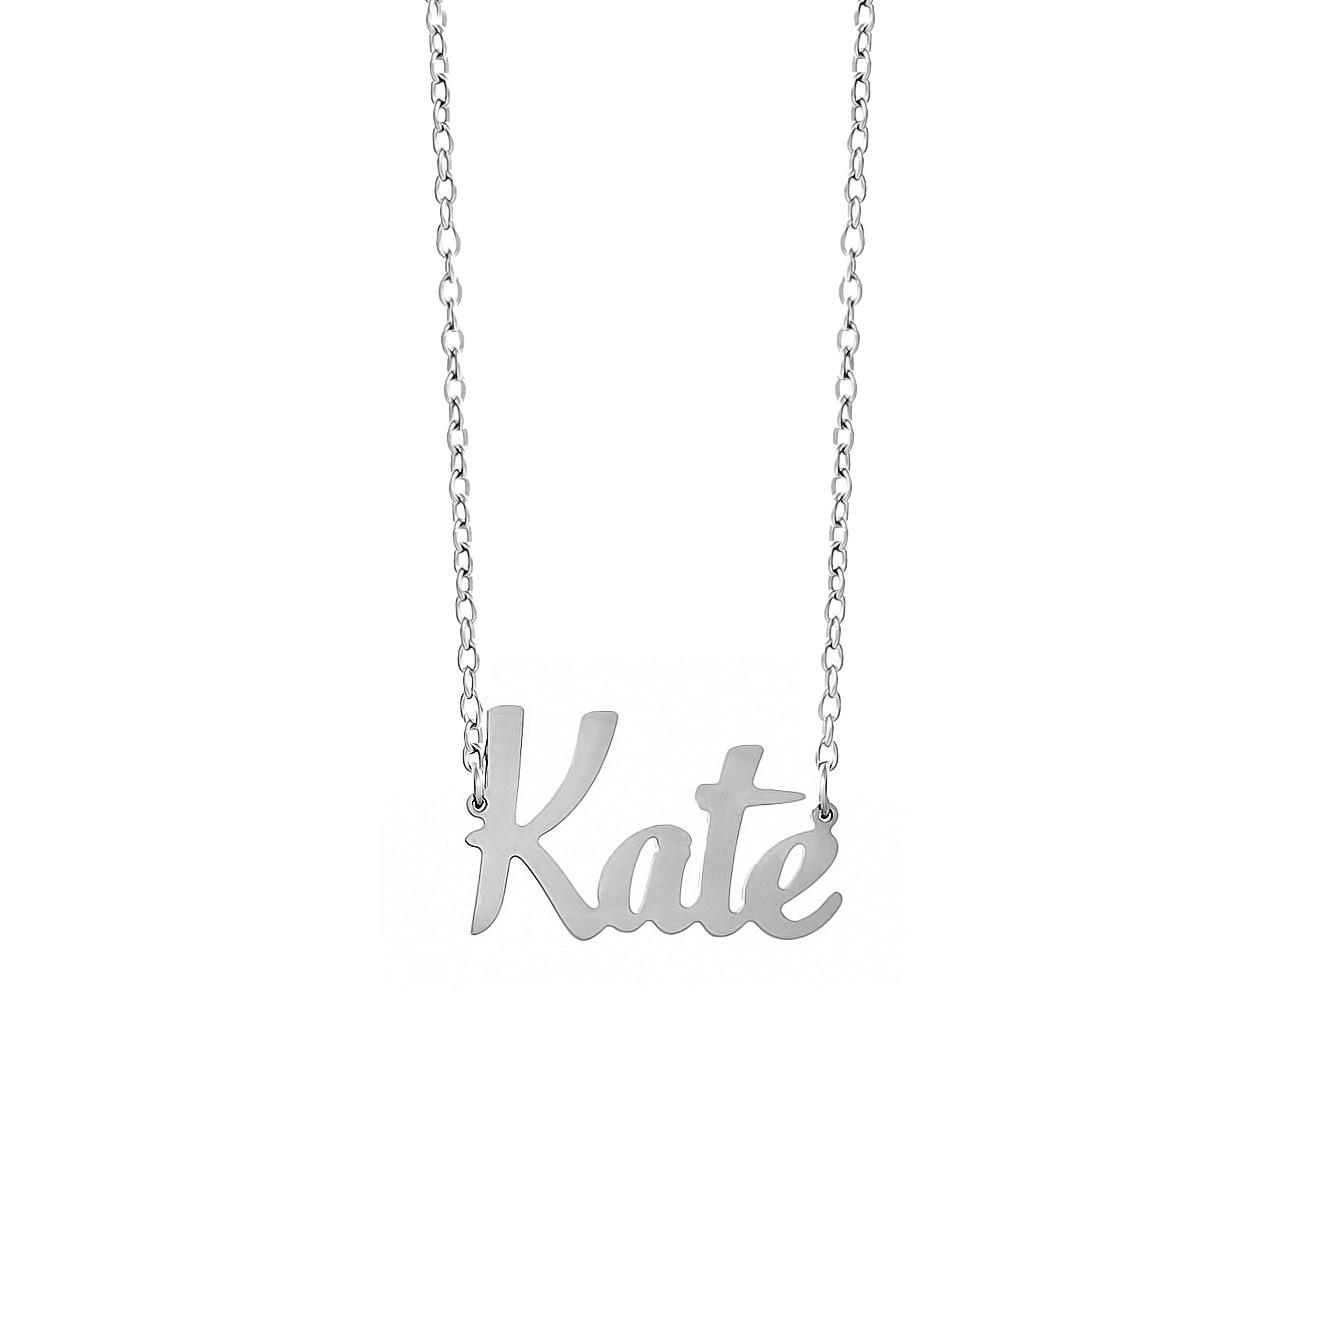 Letter Bar Каллиграфическая подвеска Kate